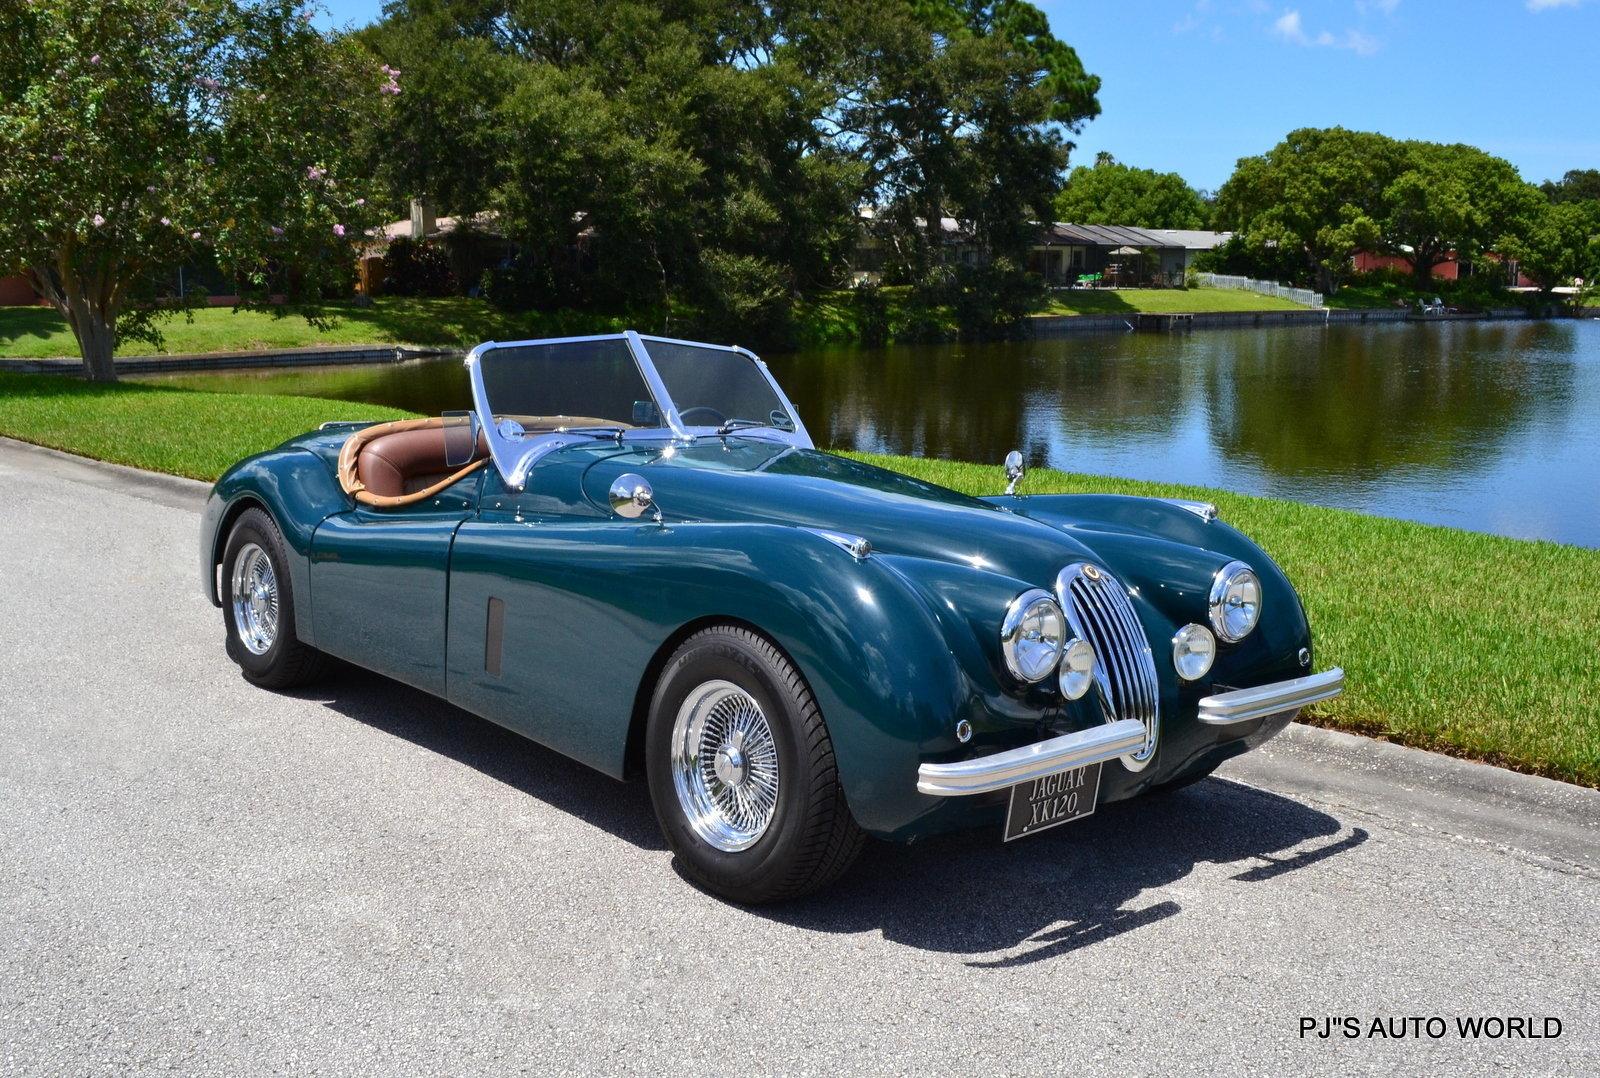 1952 Jaguar Xk120 Pj S Auto World Classic Cars For Sale